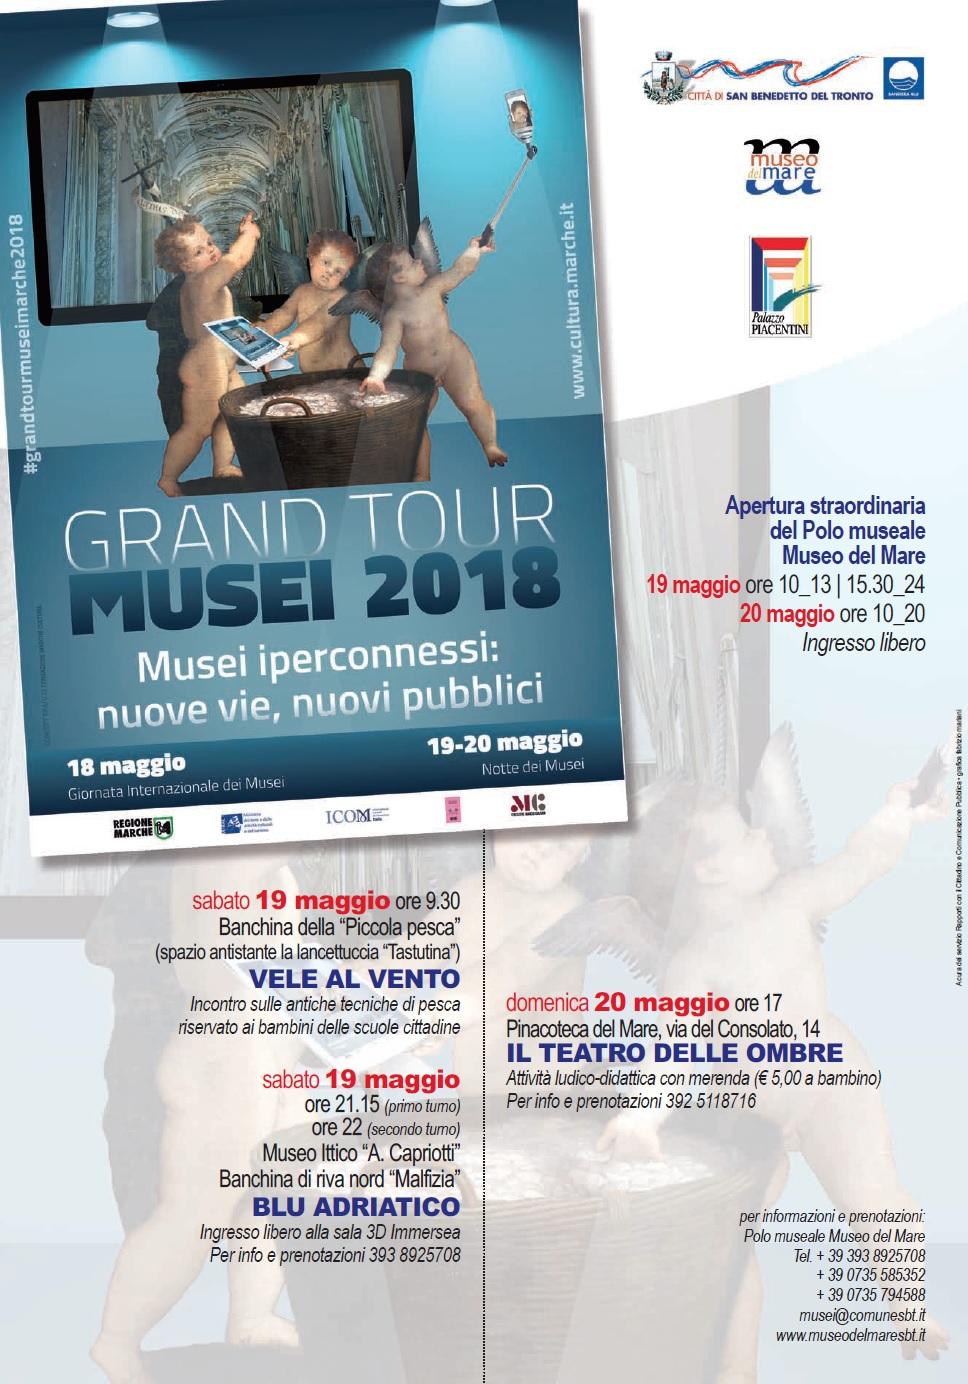 grand tour musei 2018